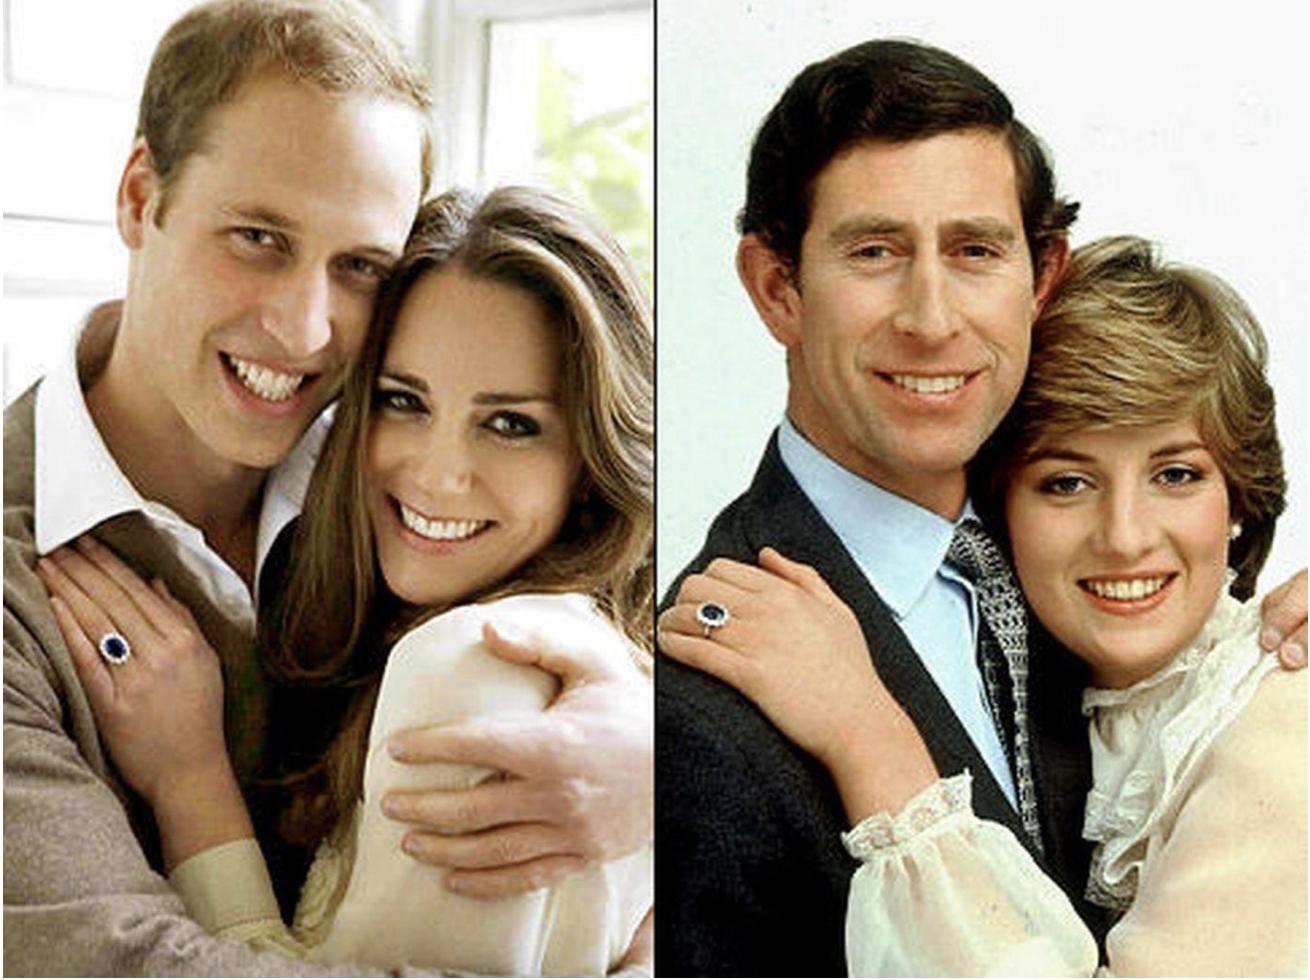 威廉哈里谁更适合当国王,戴安娜给哈里取的这个绰号可见一斑